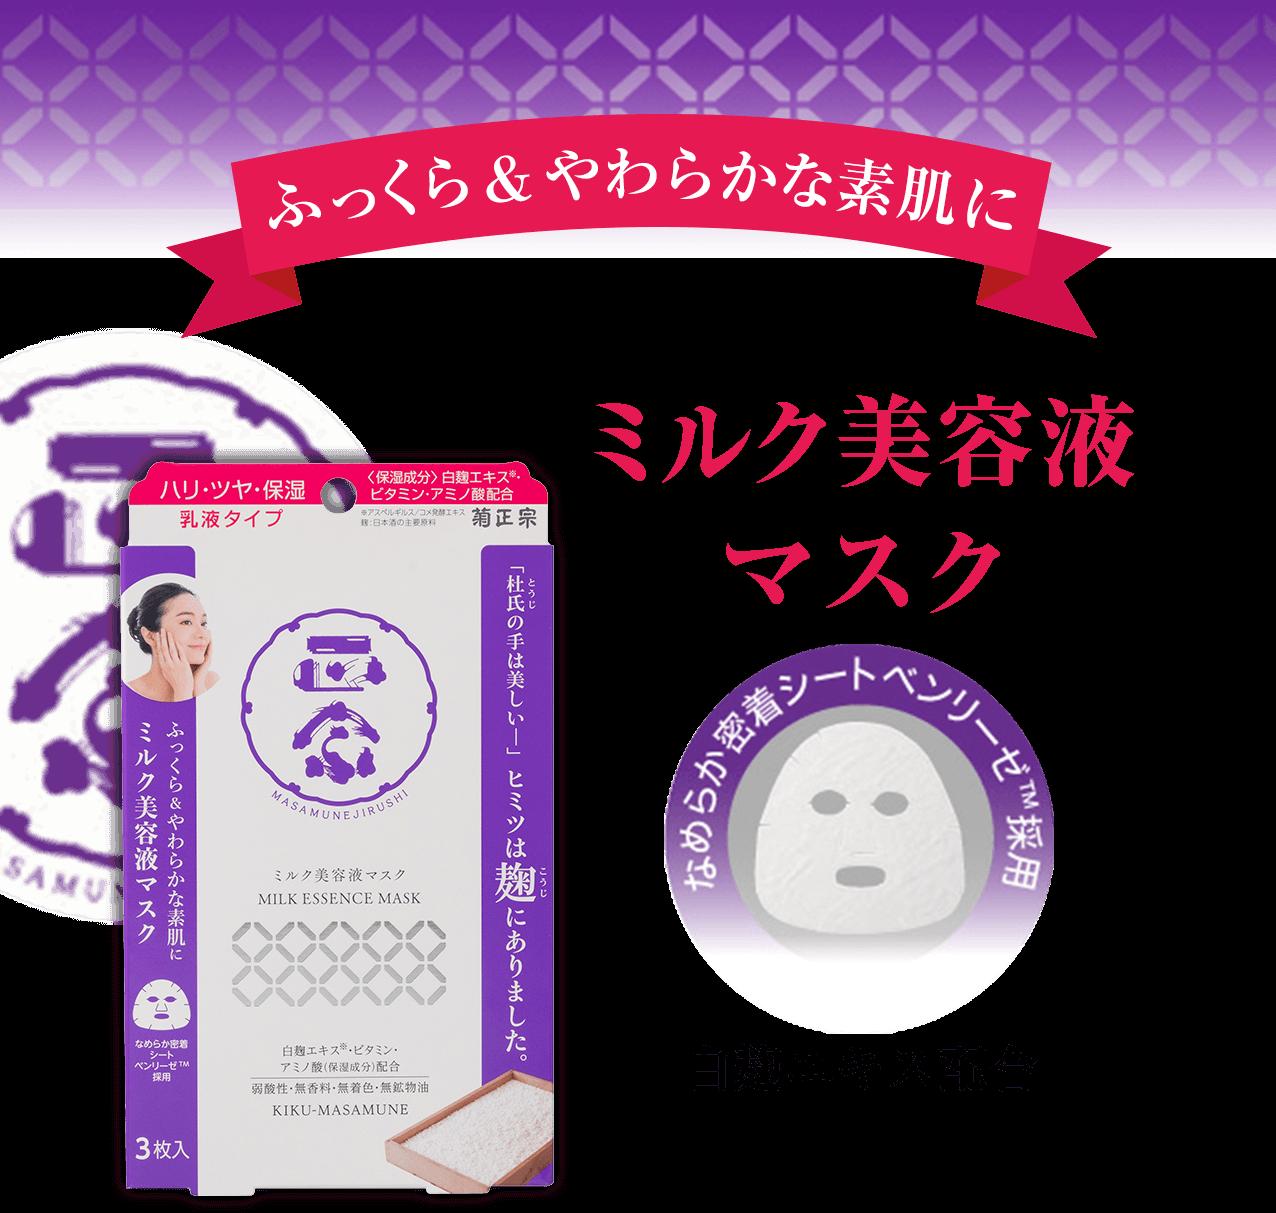 ふっくら&やわらかな素肌に ミルク美容液マスク